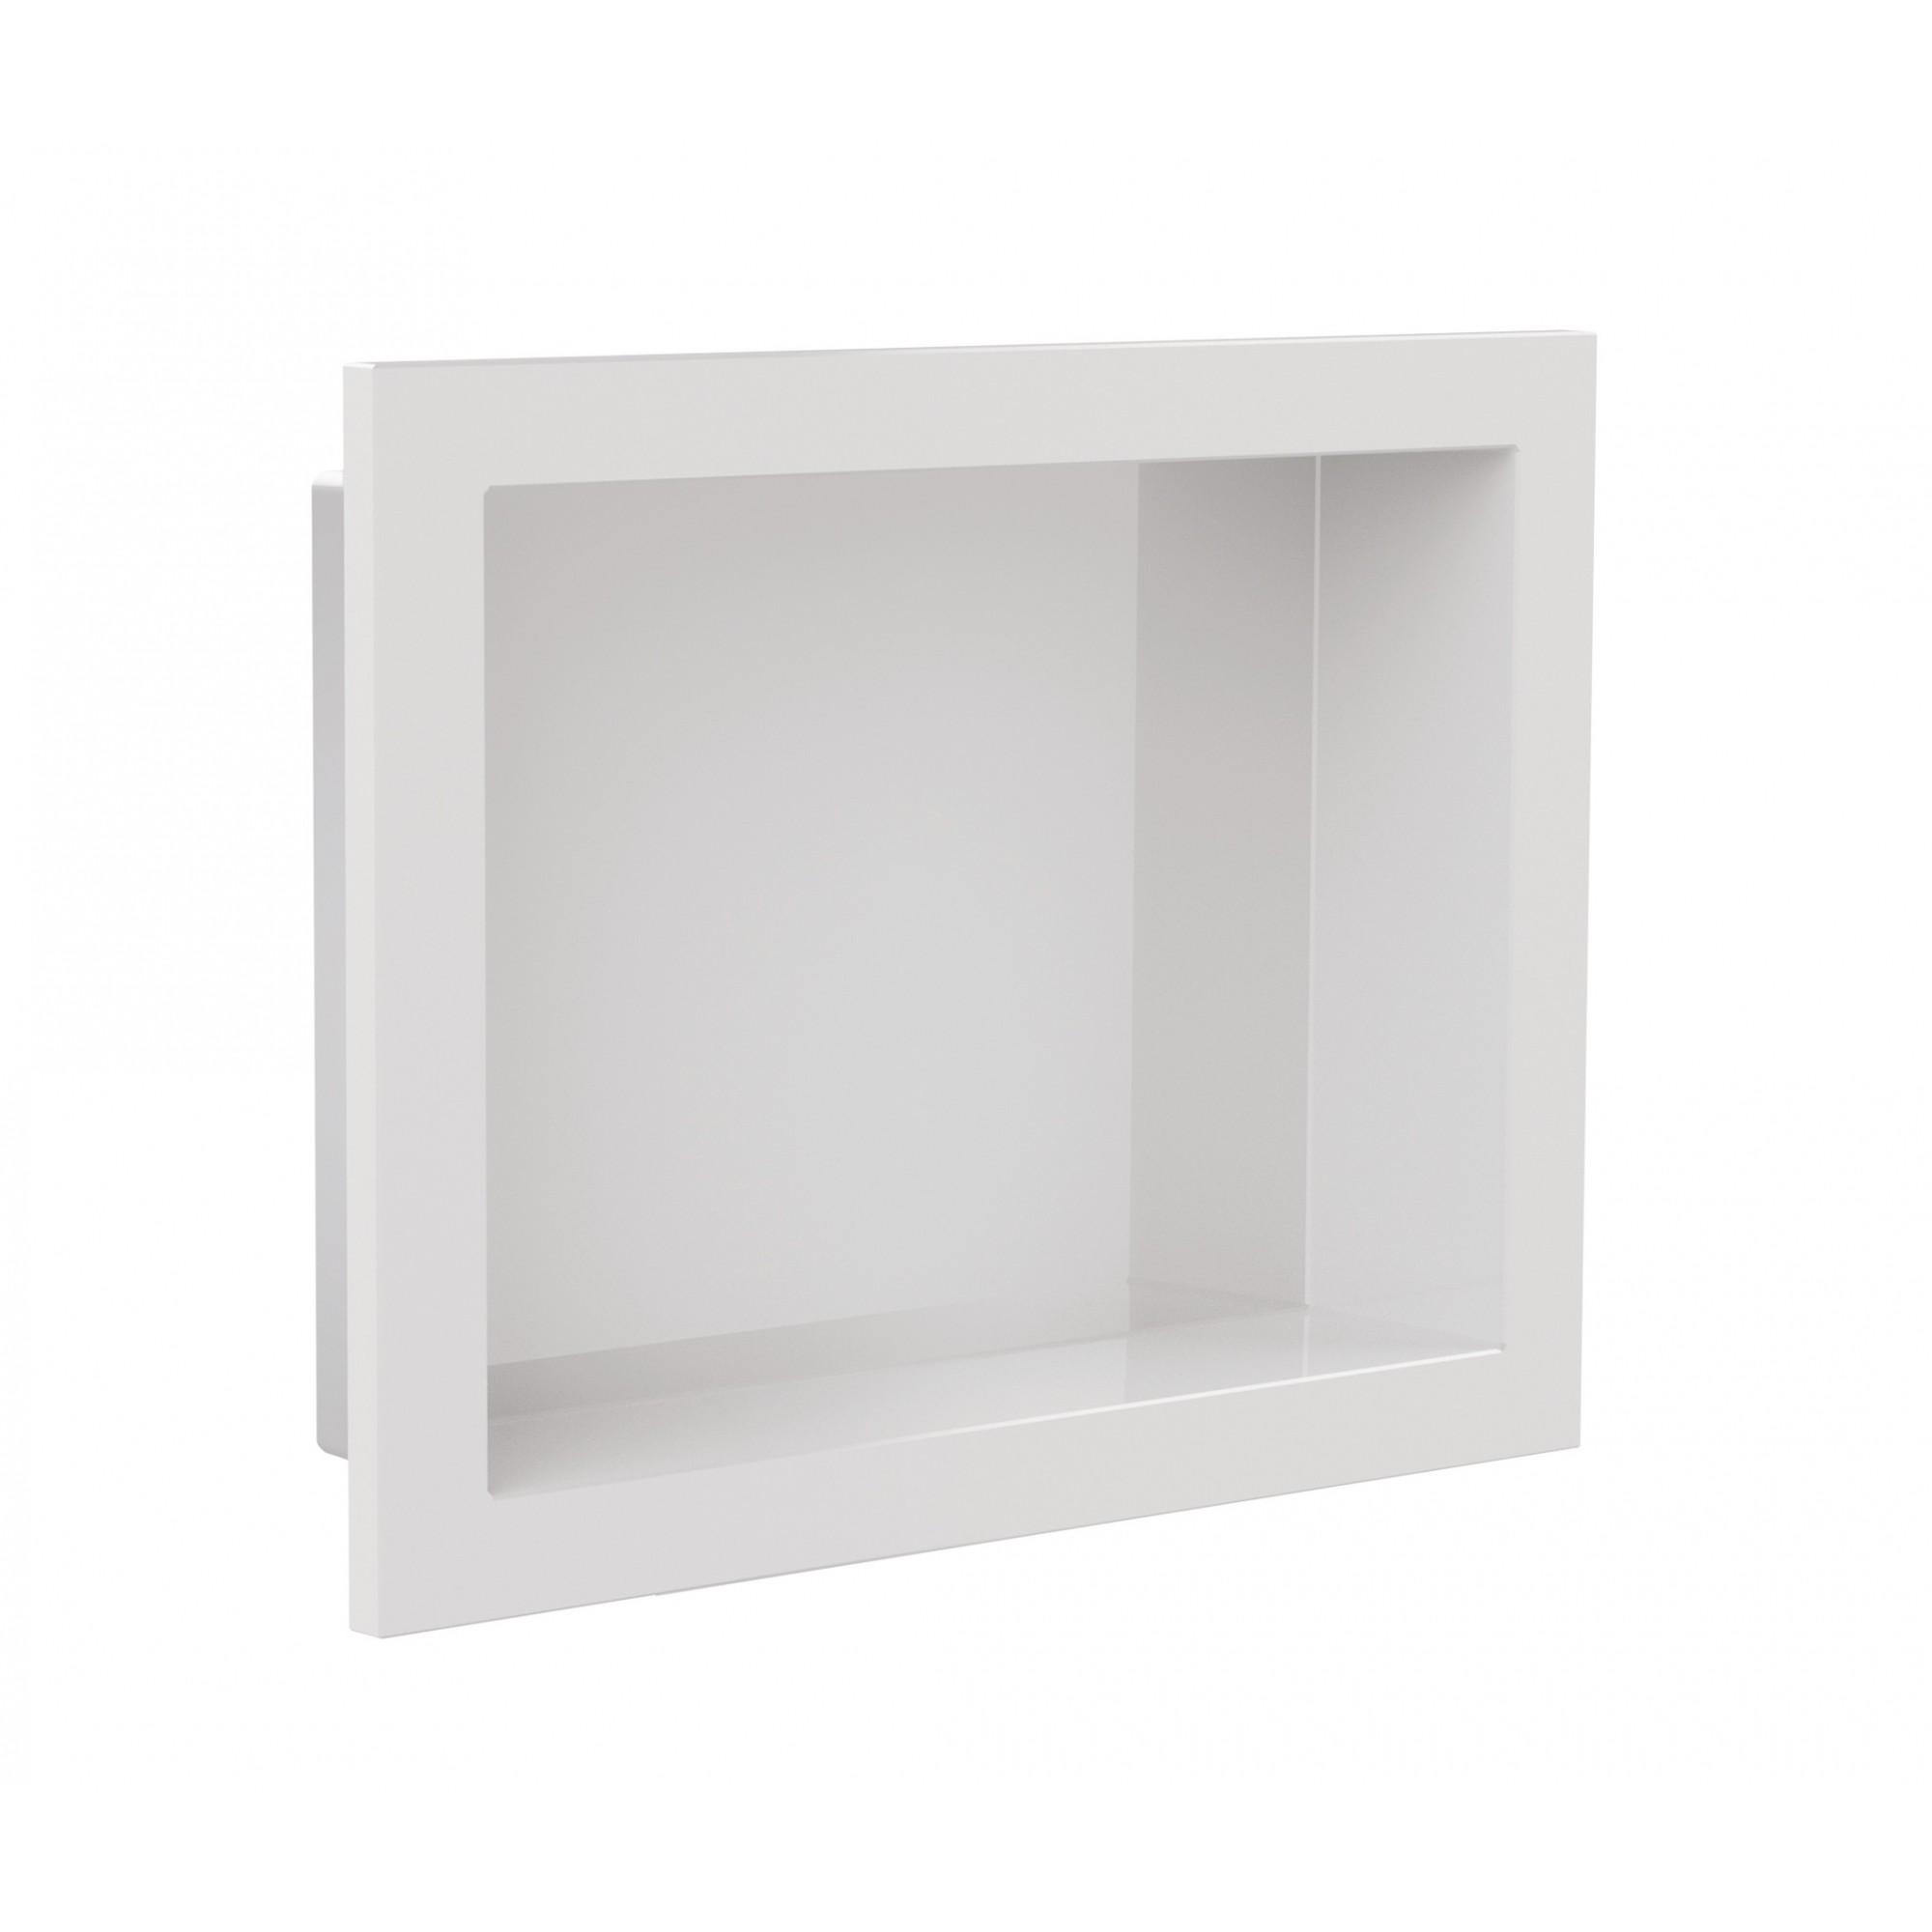 Nicho Para Banheiro Parede Embutir 30x40cm Branco